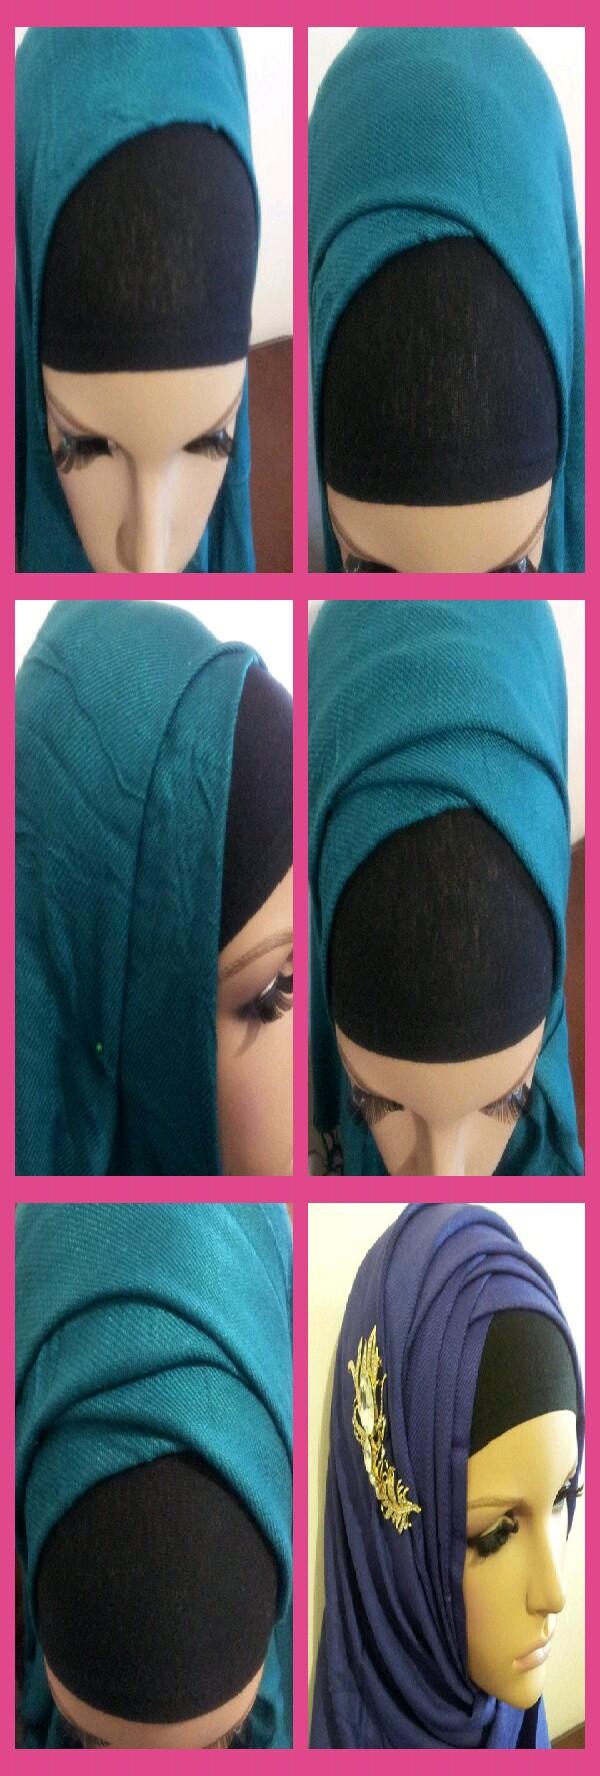 zigzag hijab step by step